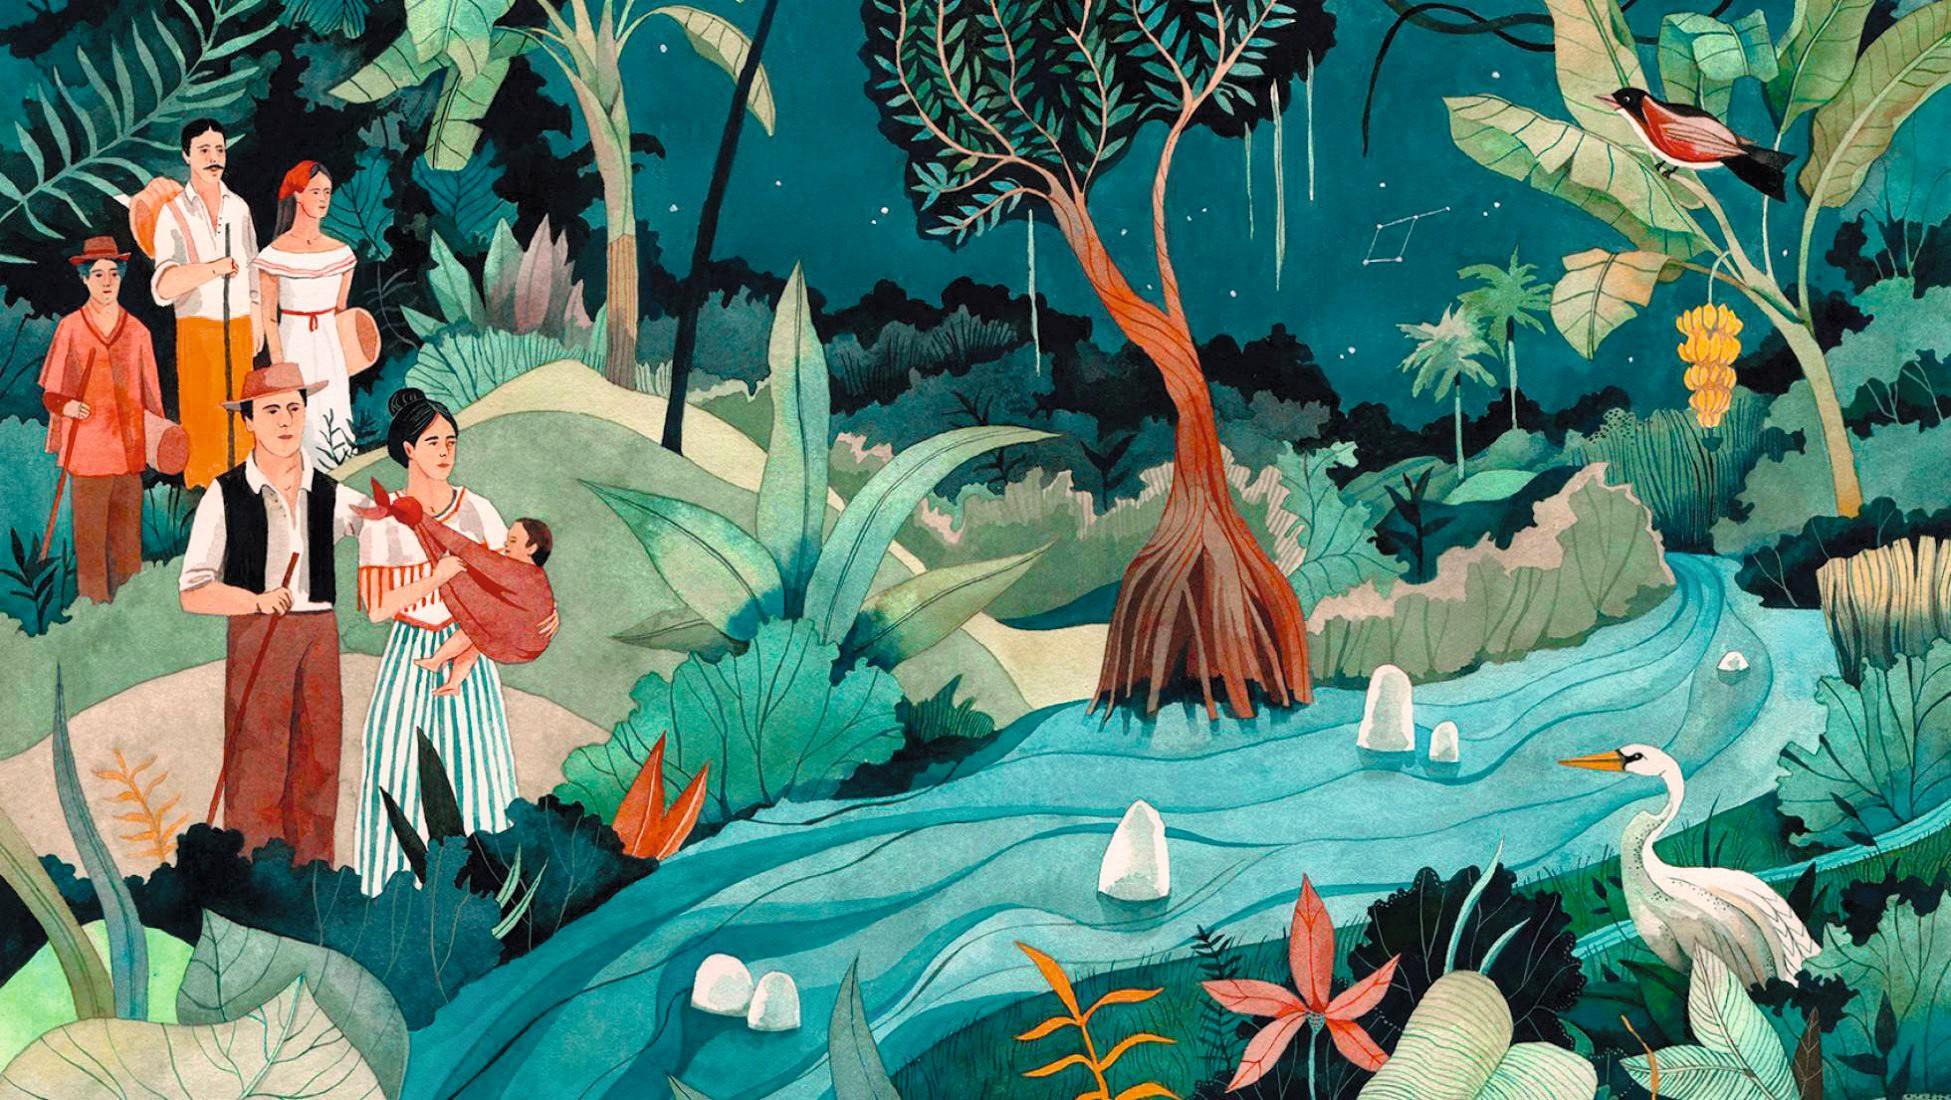 Luisa Rivera, edición ilustrada de Cien años de soledad, 2017.